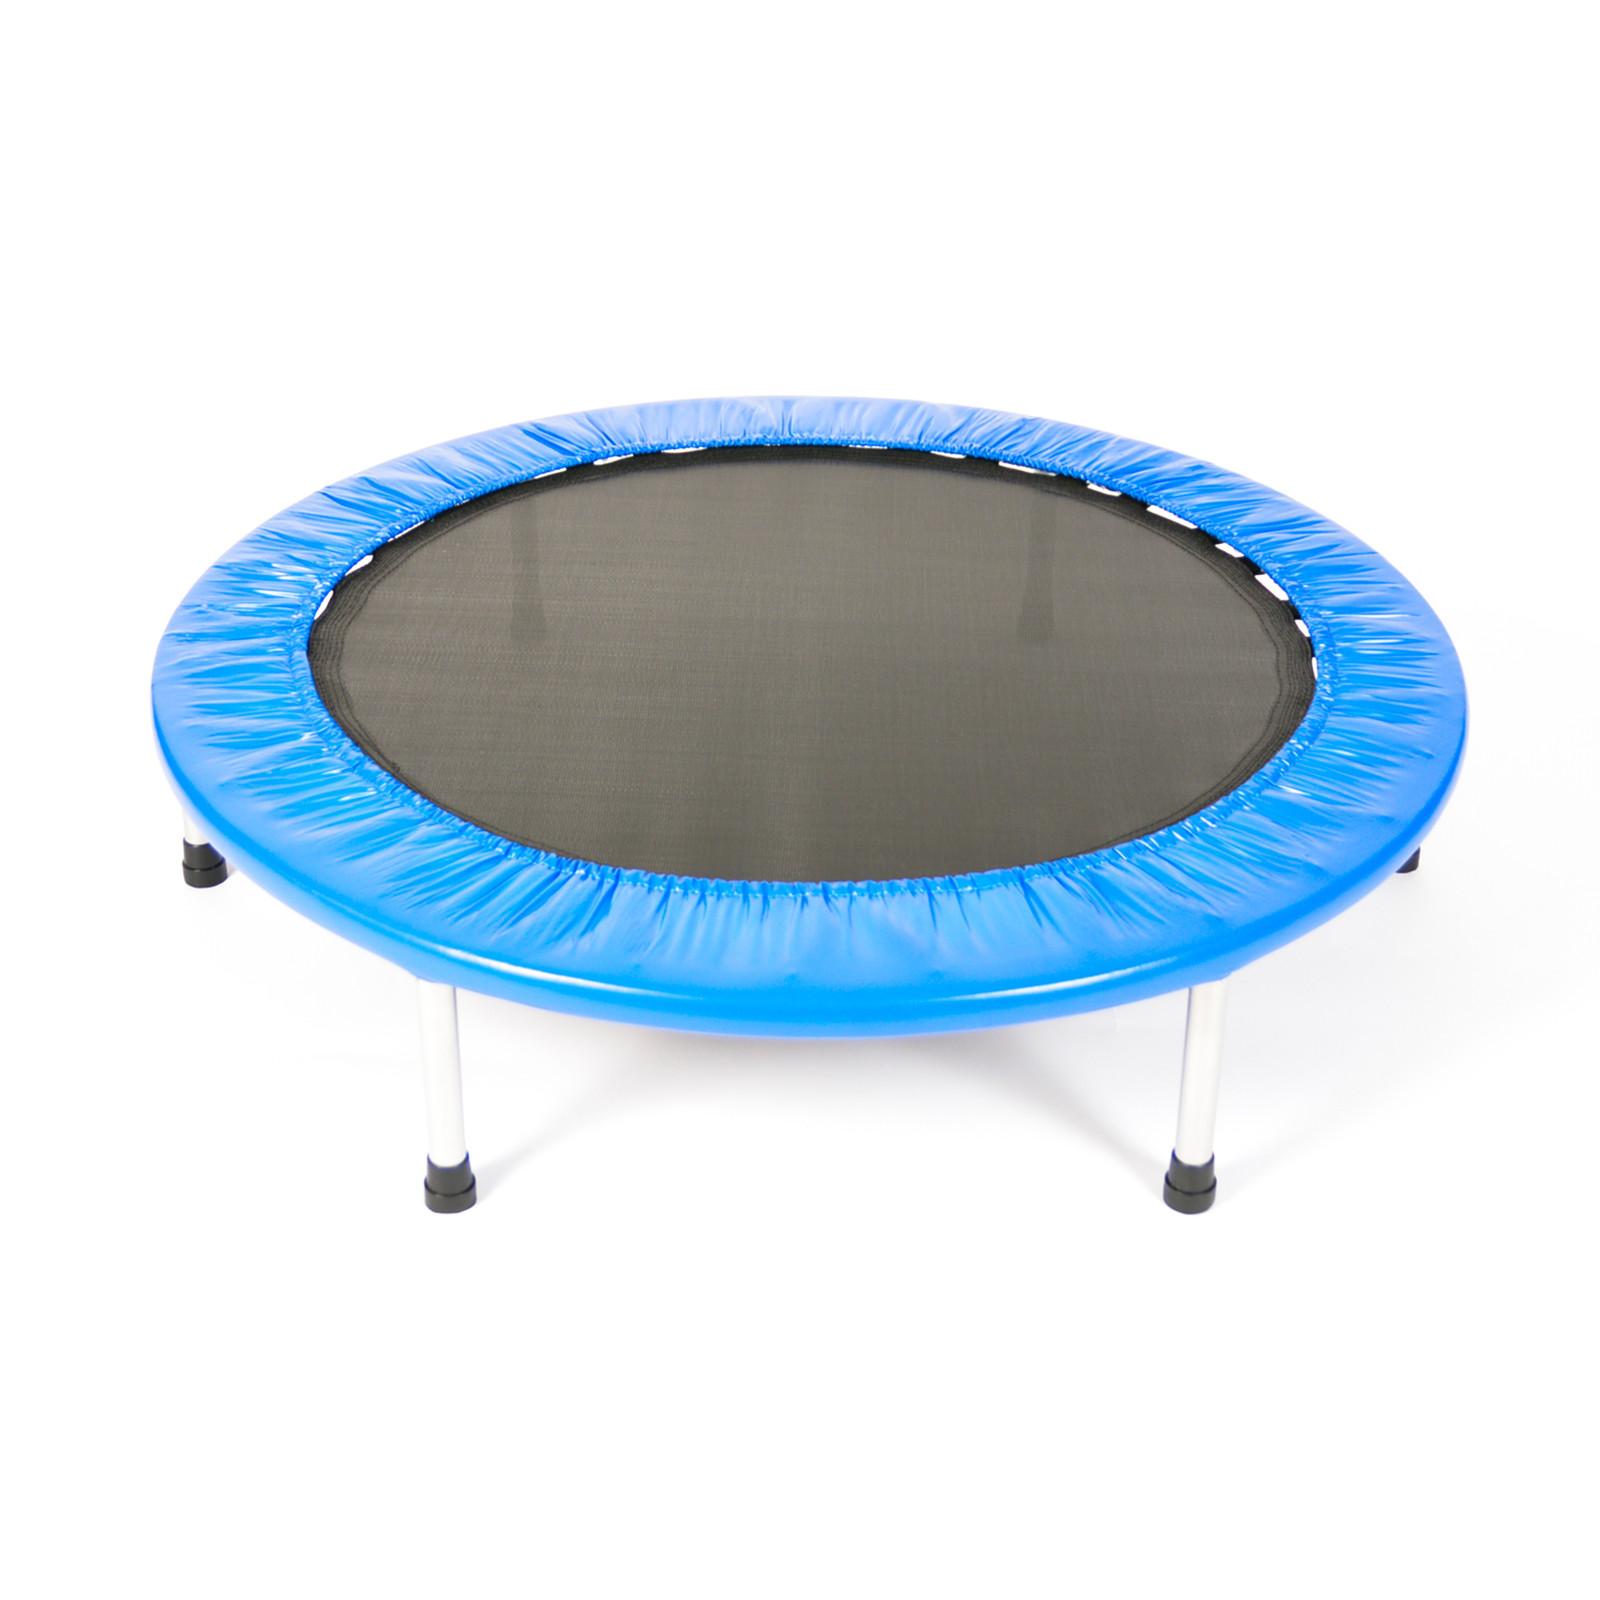 Topnotch Mini trampoline 100cm | FINN.no JI-26